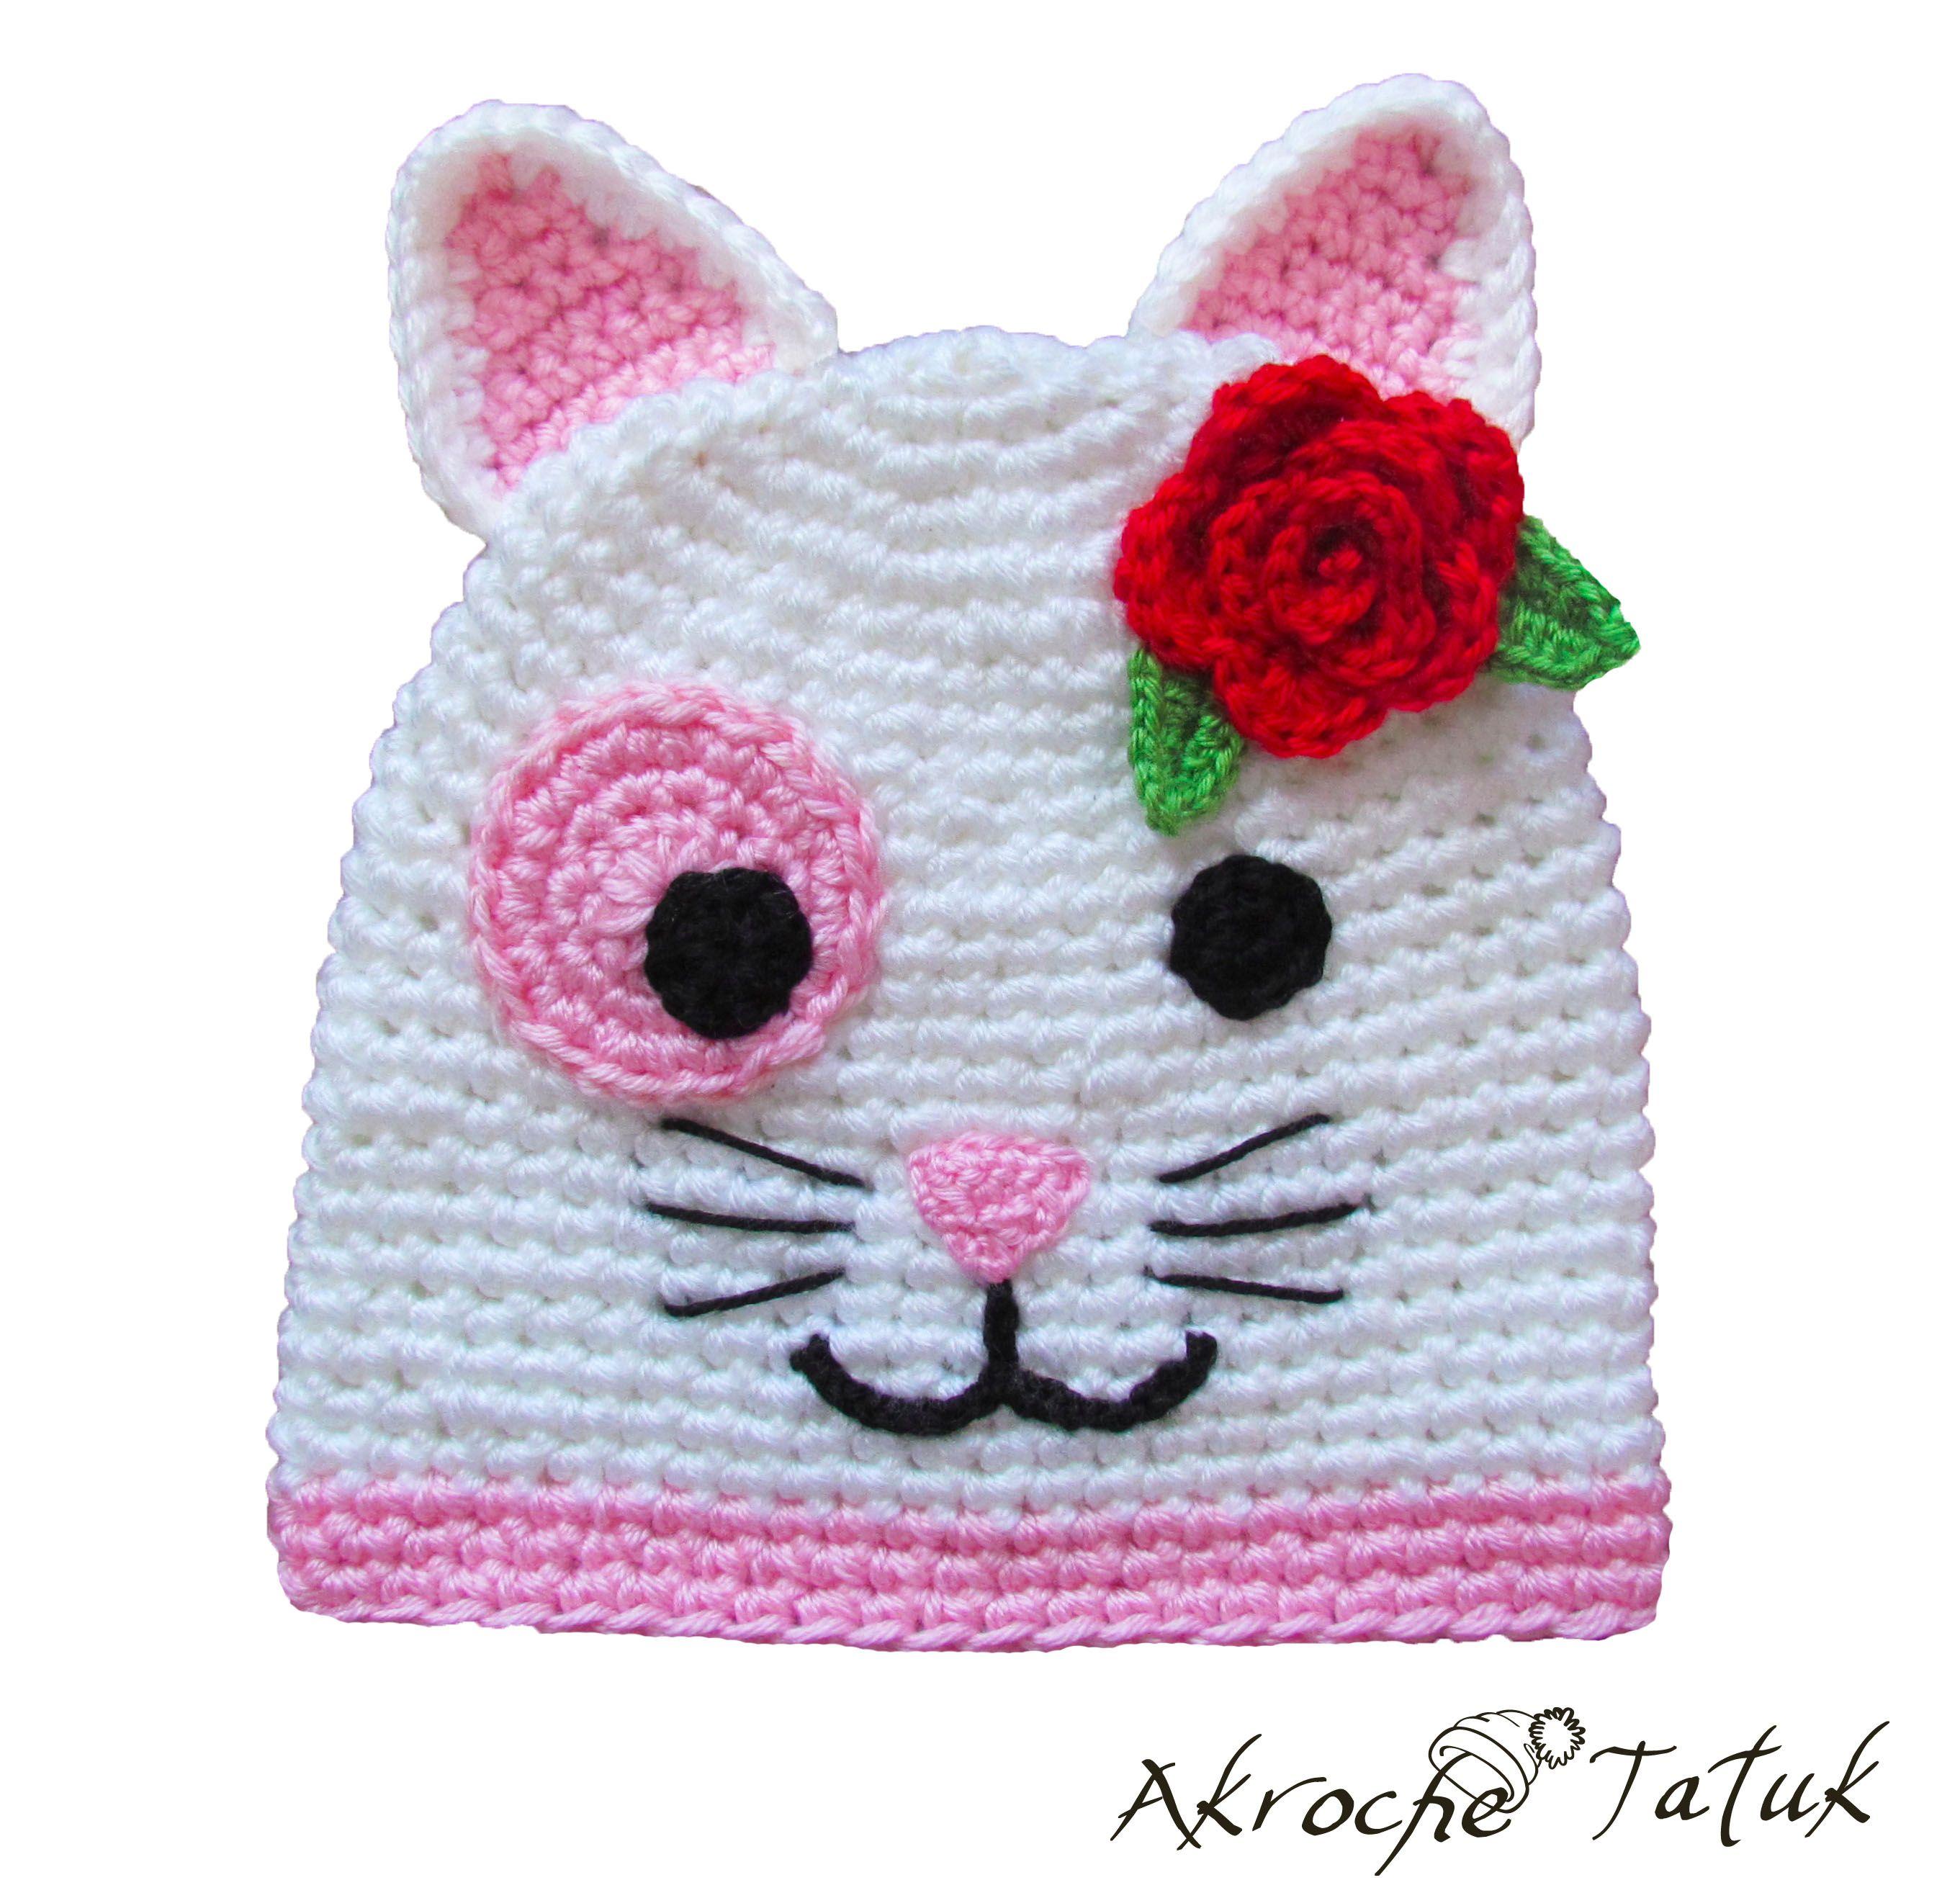 Tuque chat / Cat crochet hat | Bricolage, couture et tricot | Pinterest